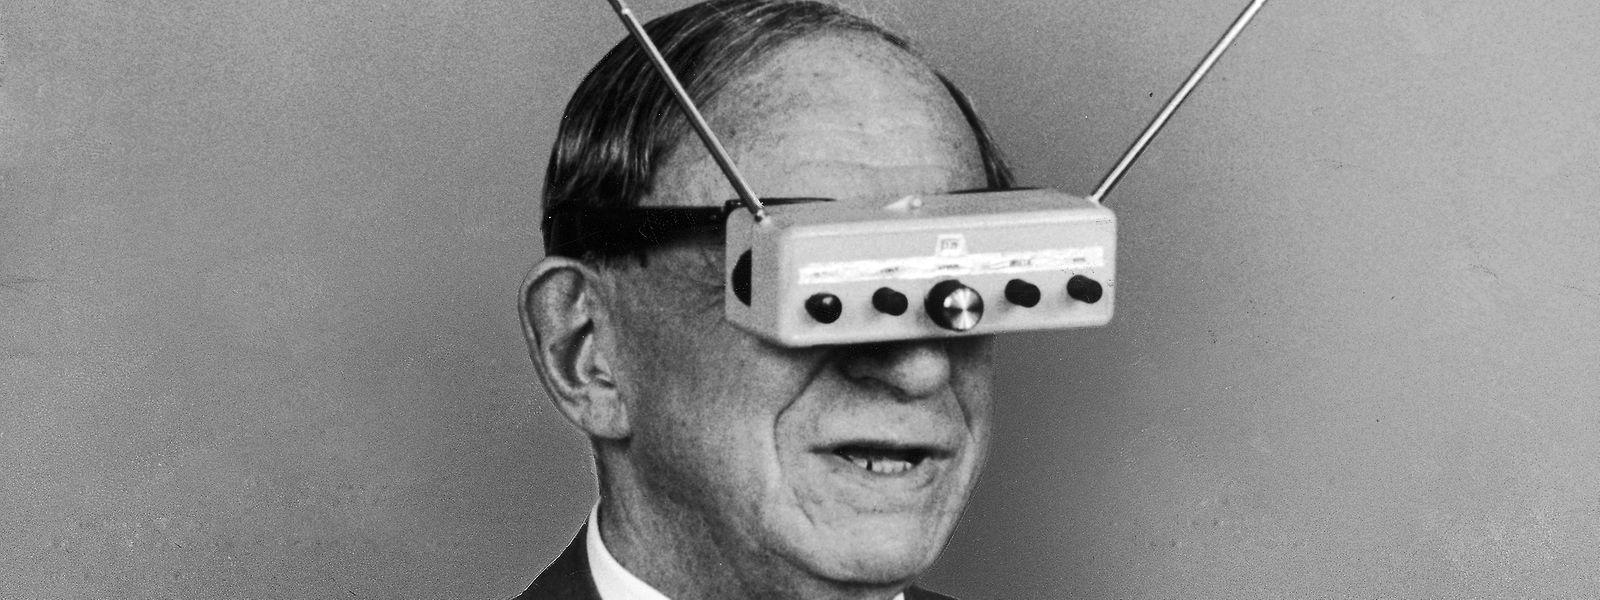 """Als er am 19. August 1967 starb, hatte Hugo Gernsback als Erfinder über 80 Patente angemeldet, u.a. diese """"Teleyeglasses"""" deren Bild im Juli 1963 im """"Life""""-Magazin veröffentlicht wurde – die Idee dazu geht auf 1936 zurück, doch wie bei vielen seiner Ideen haperte es bei der Umsetzung."""